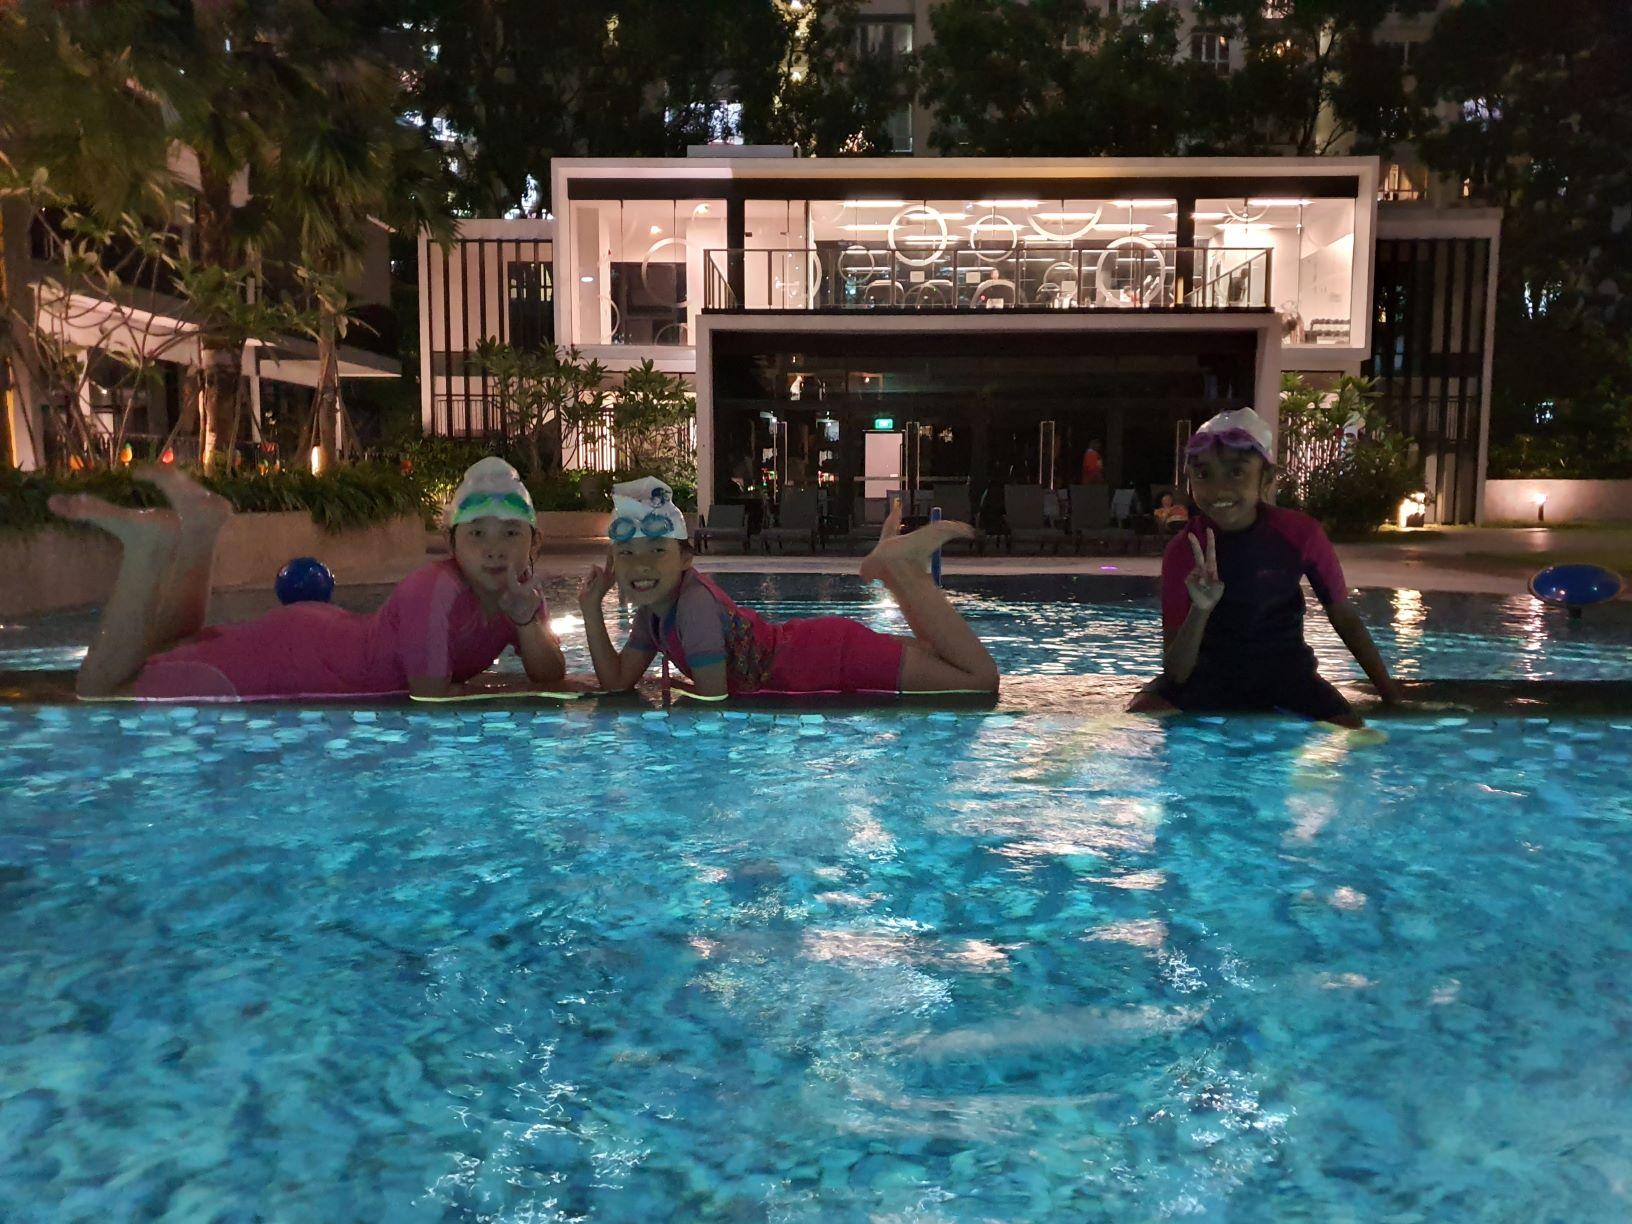 Condo Swimming Lessons Singapore, Private Swimming Lessons Condo, Private Swimming Classes